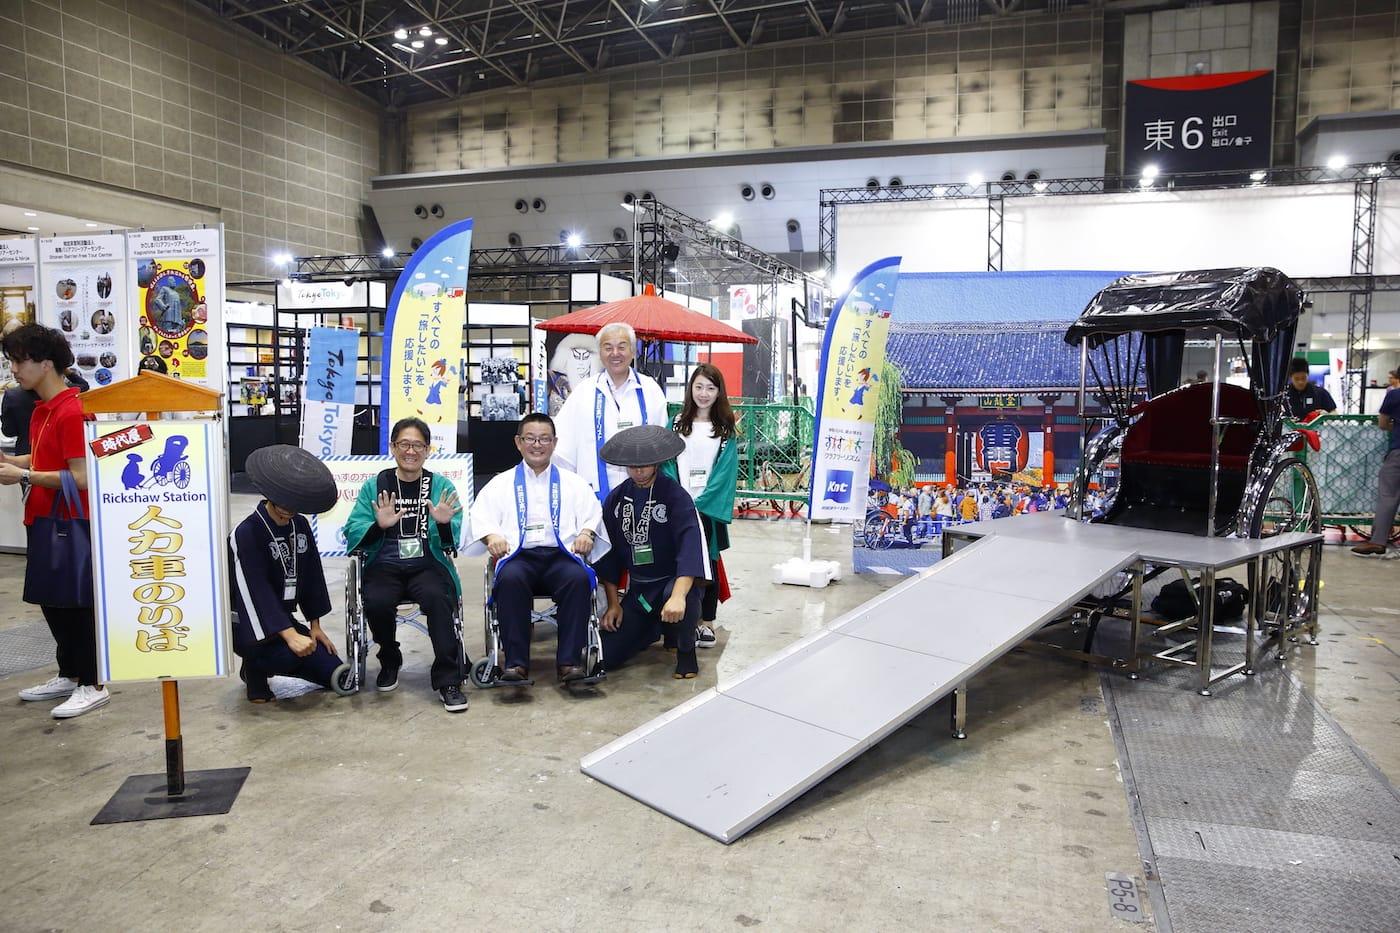 KNT-CTホールディングス株式会社による、車いすの人もOKな人力車の展示コーナー